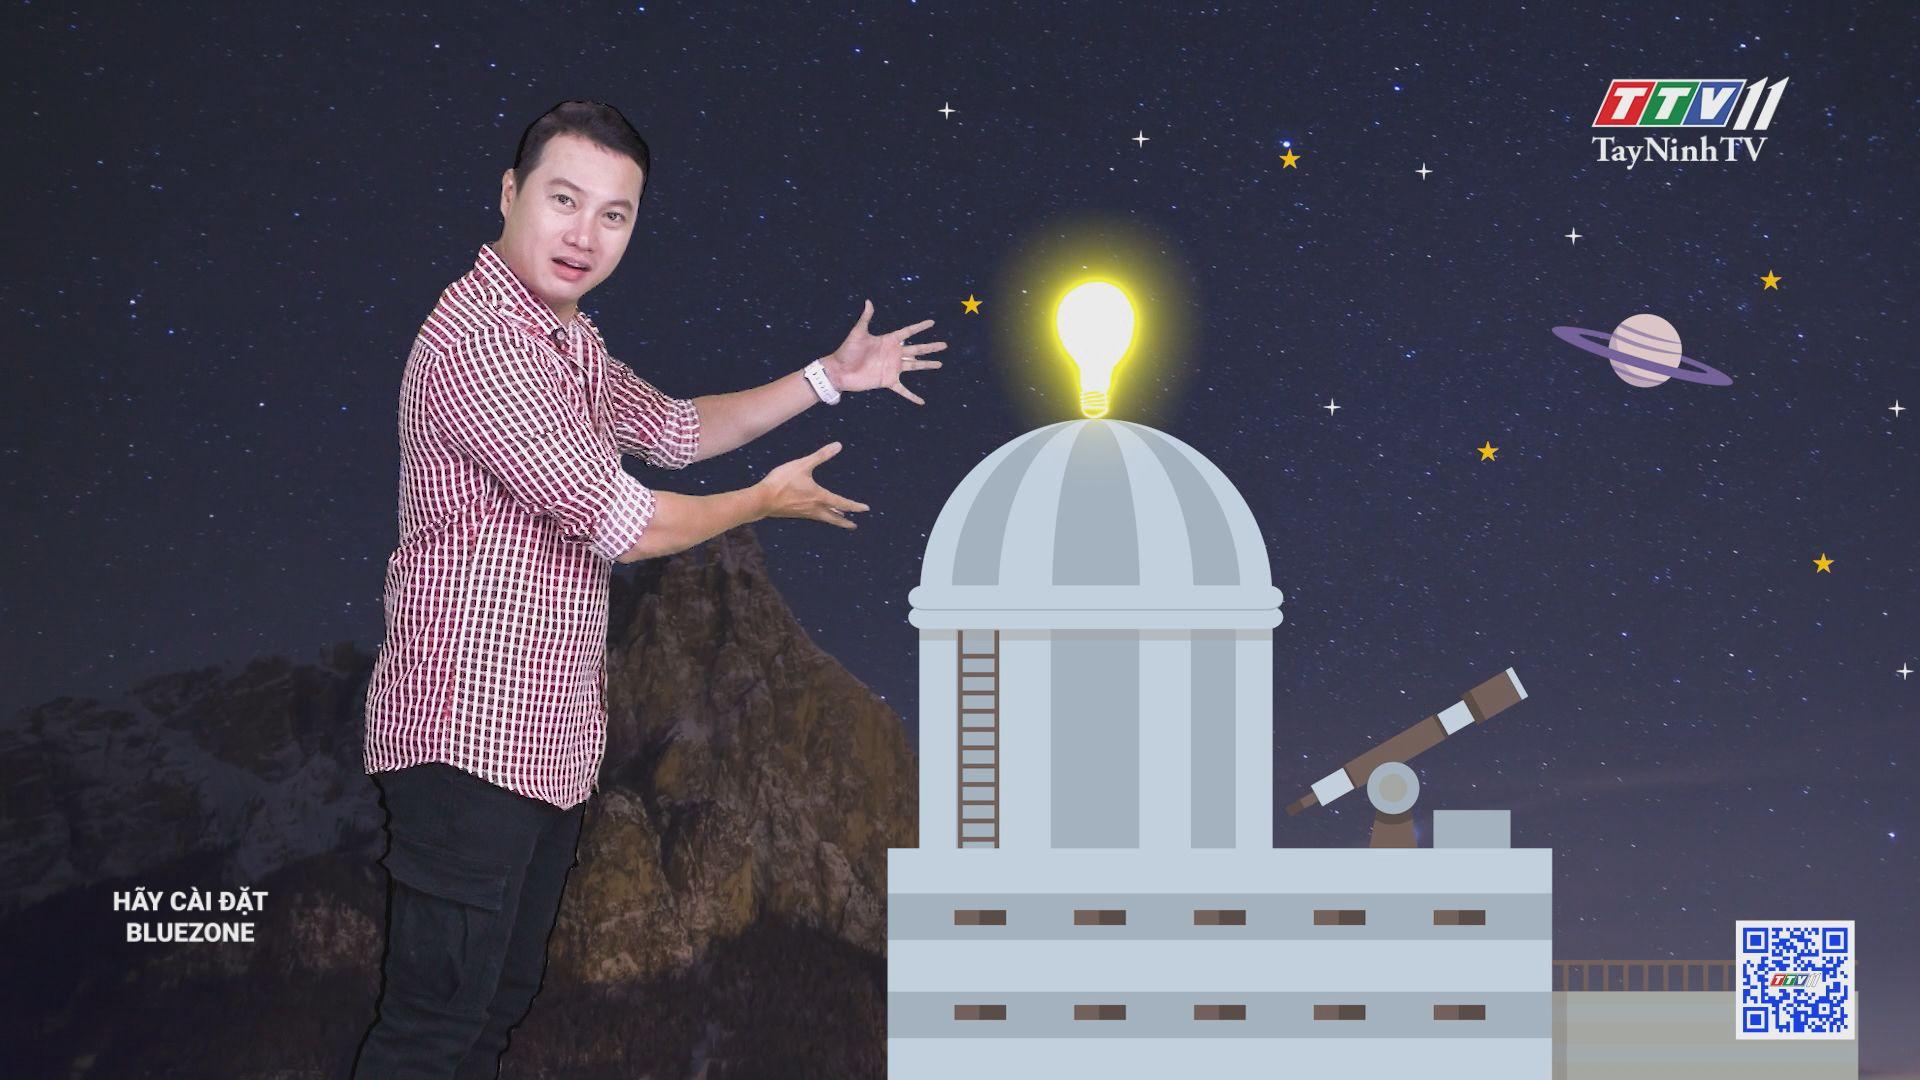 Trạm quan sát thiên văn được làm từ phế liệu | CHUYỆN ĐÔNG TÂY KỲ THÚ | TayNinhTV